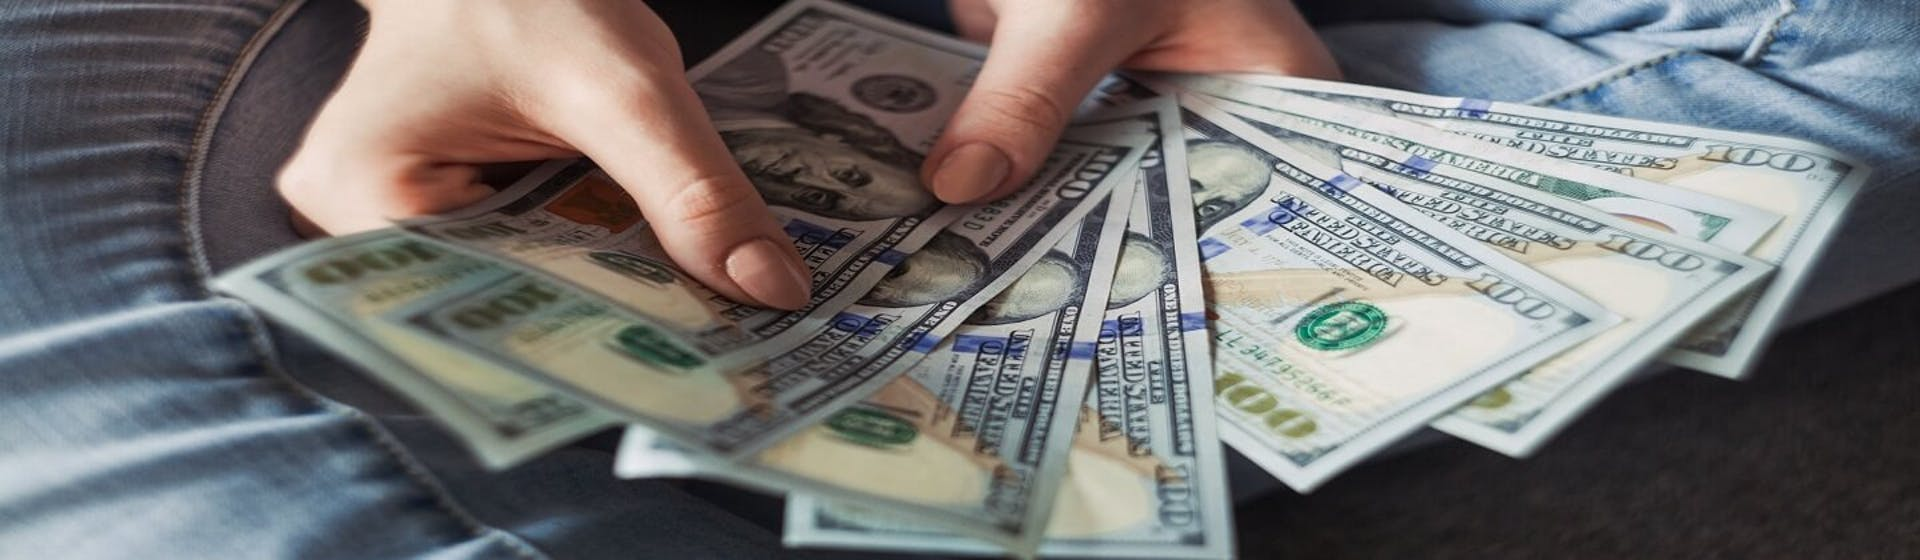 ¿Qué es el Valor Presente Neto? La clave para acabar con malas inversiones